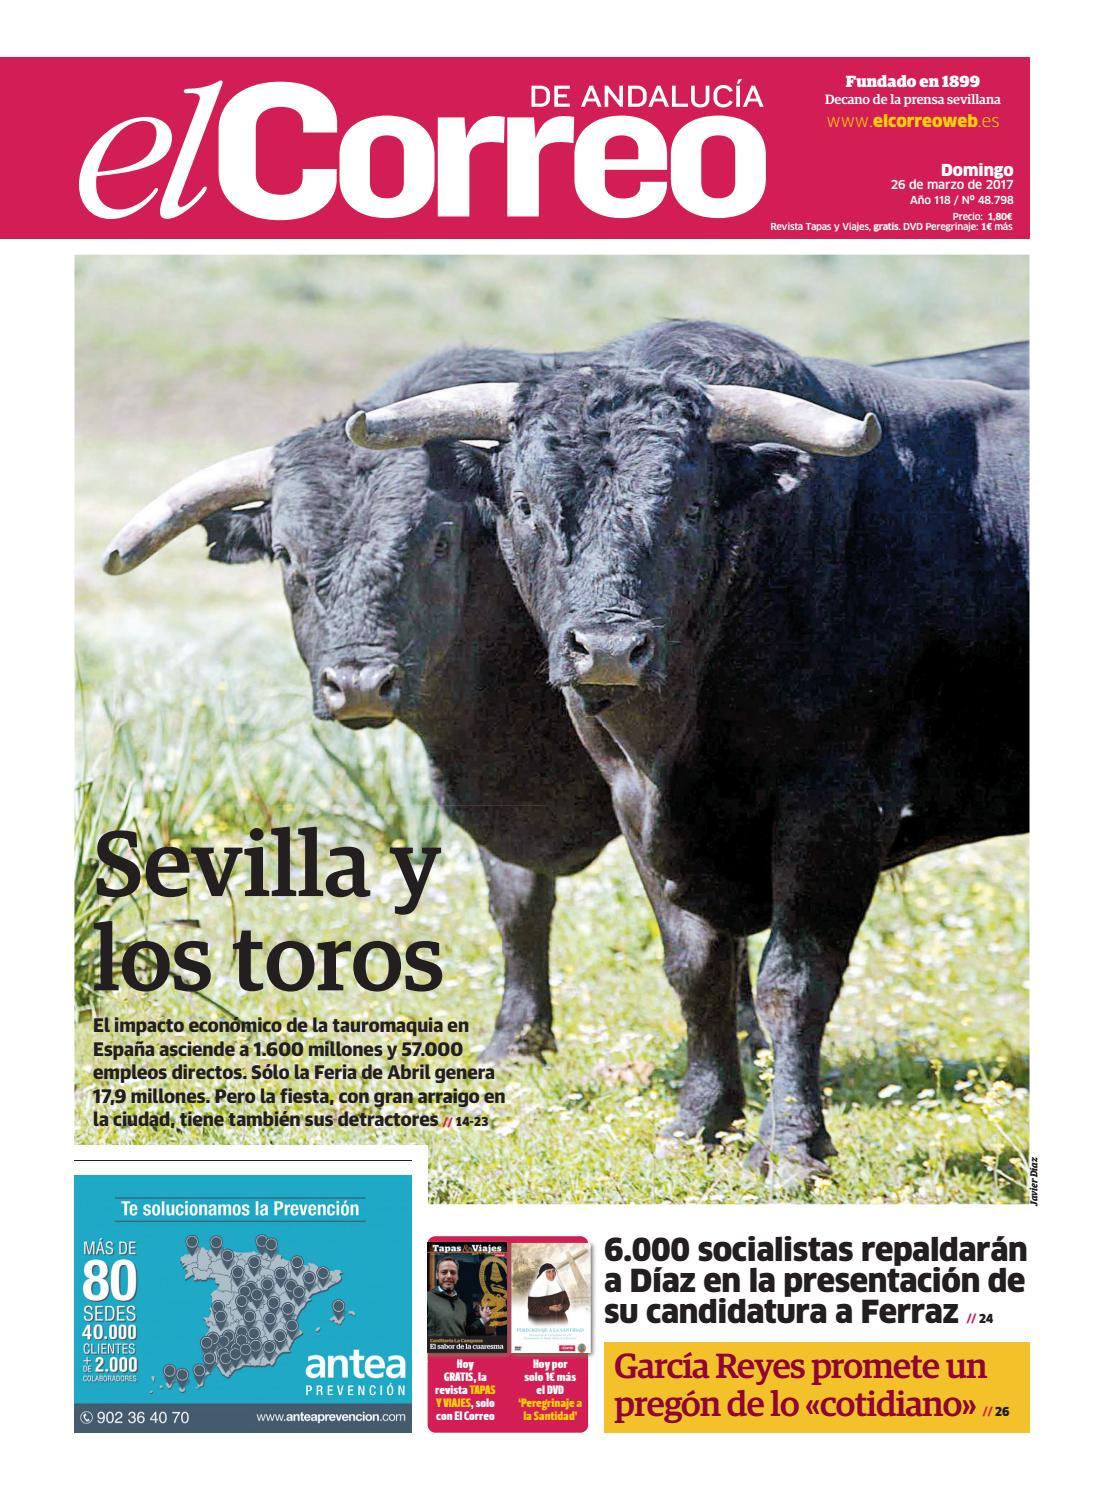 26 03 2017 El Correo De Andaluc A By El Correo De Andaluc A S L  # Muebles Sastre Viso Alcor